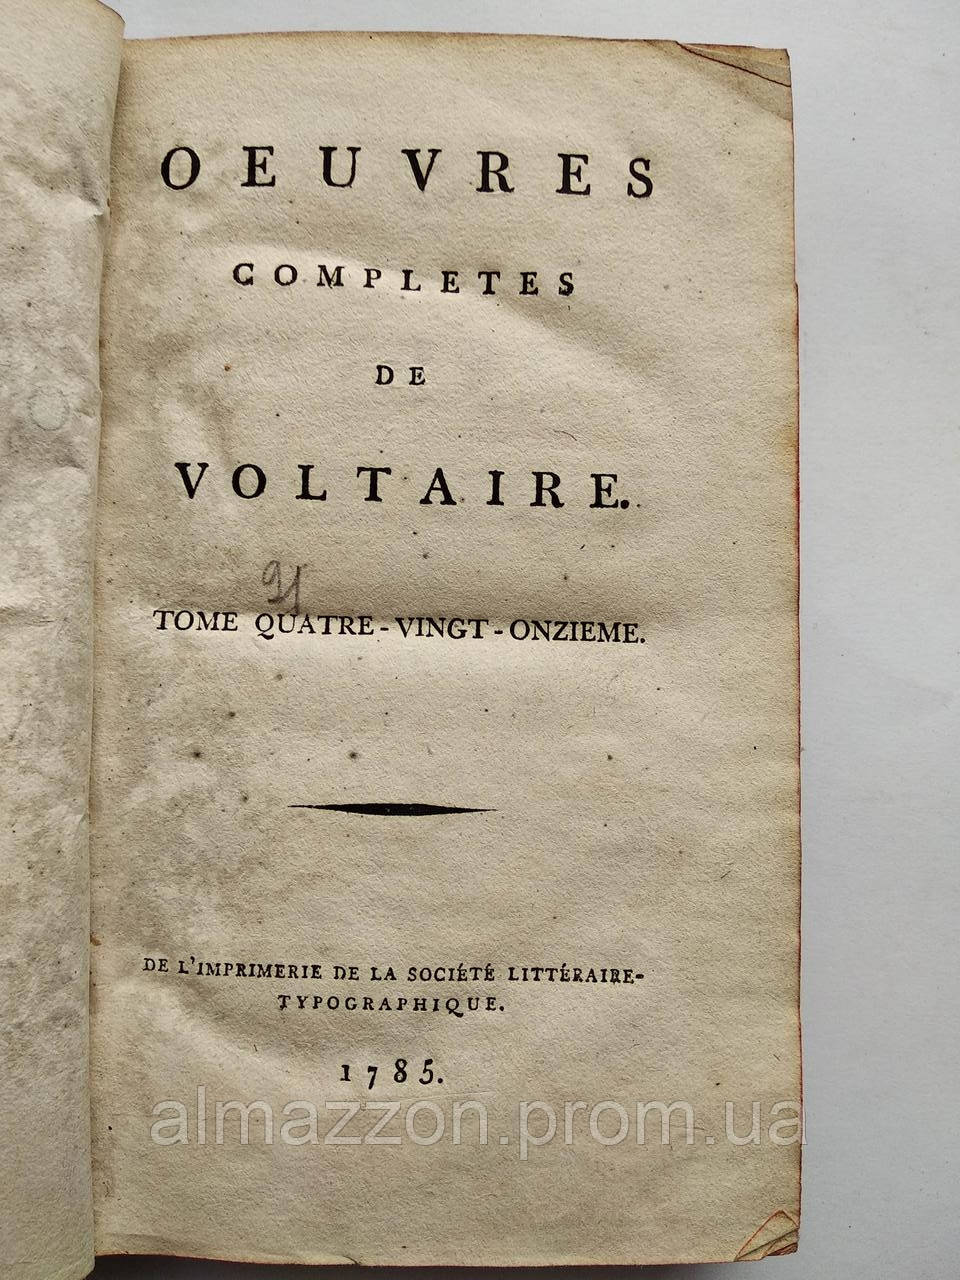 1785 Oeuvres completes de Voltaire (Вольтер) Tome quatre - Vingt-onzieme Французский язык